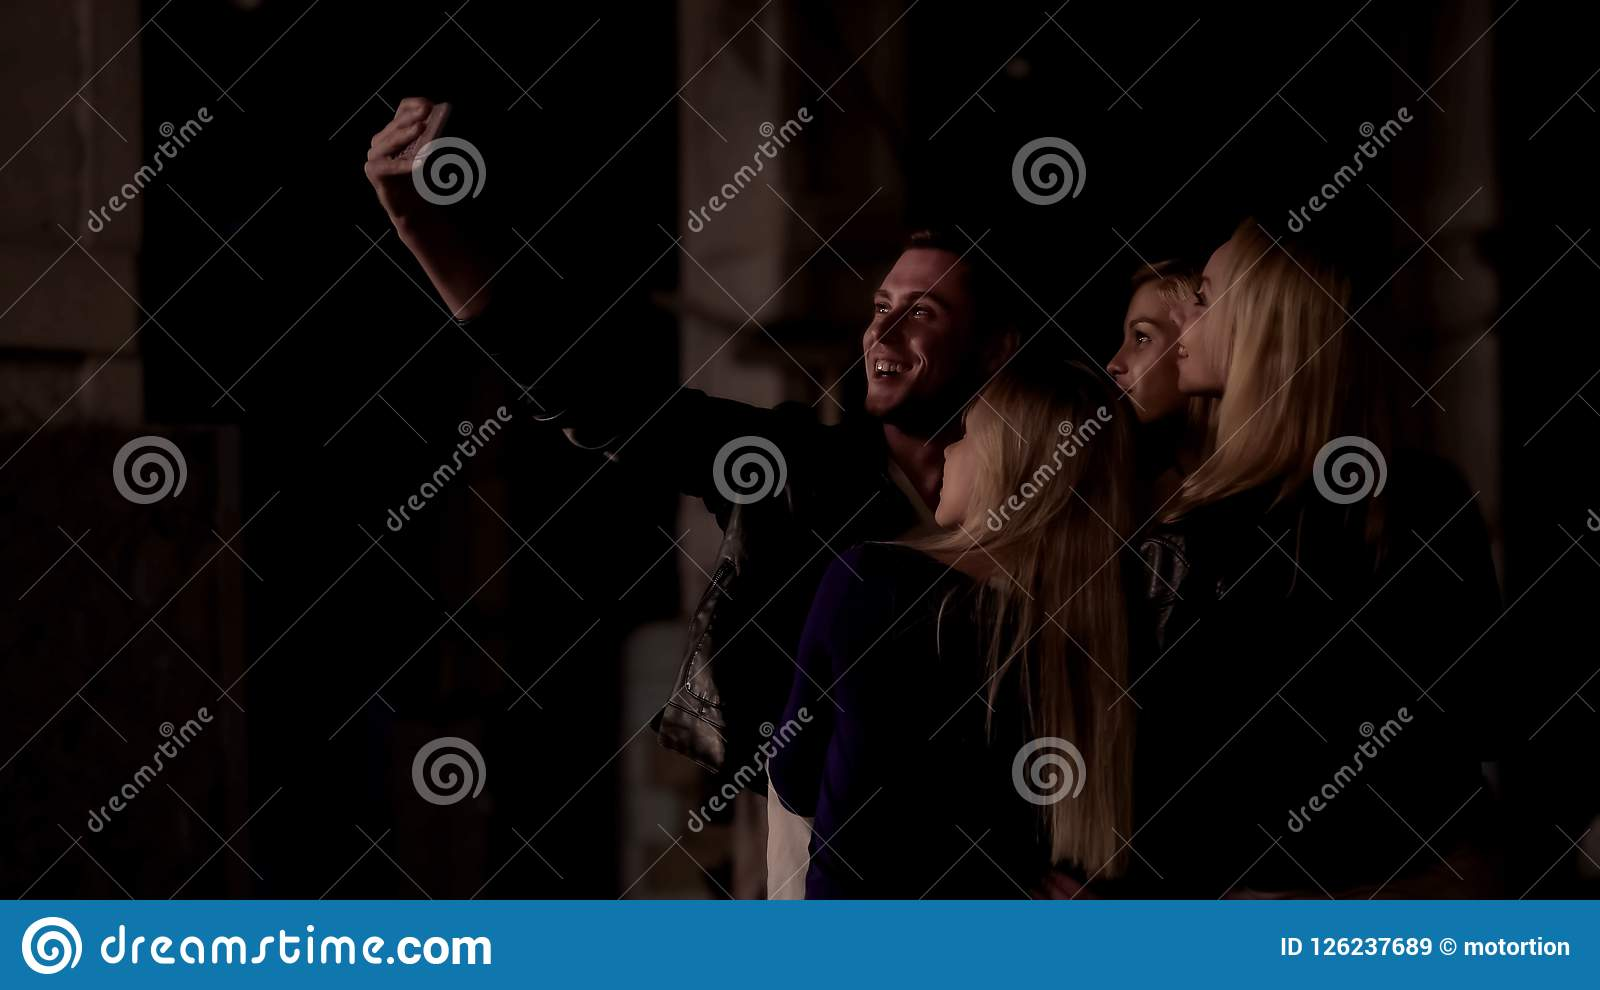 Man att ta selfie med nätta flickor för att minnas bra tid tillsammans, uteliv